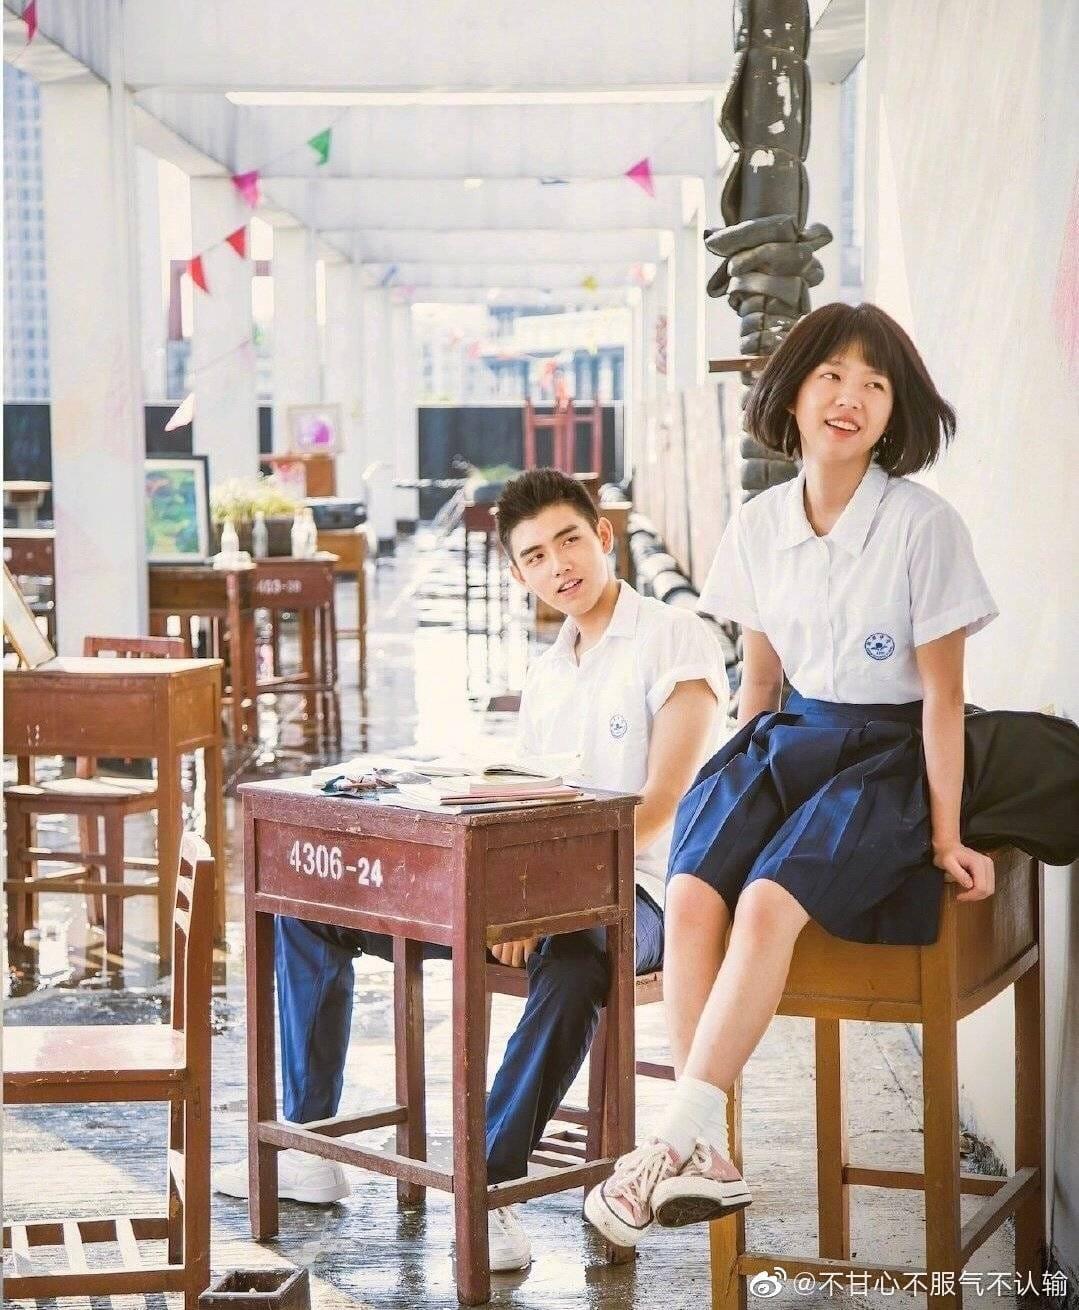 Vào vai Dư Hoài trong bản điện ảnh, Trần Phi Vũ bị netizen Trung lẫn Việt chê kém xa Lưu Hạo Nhiên! - Ảnh 1.